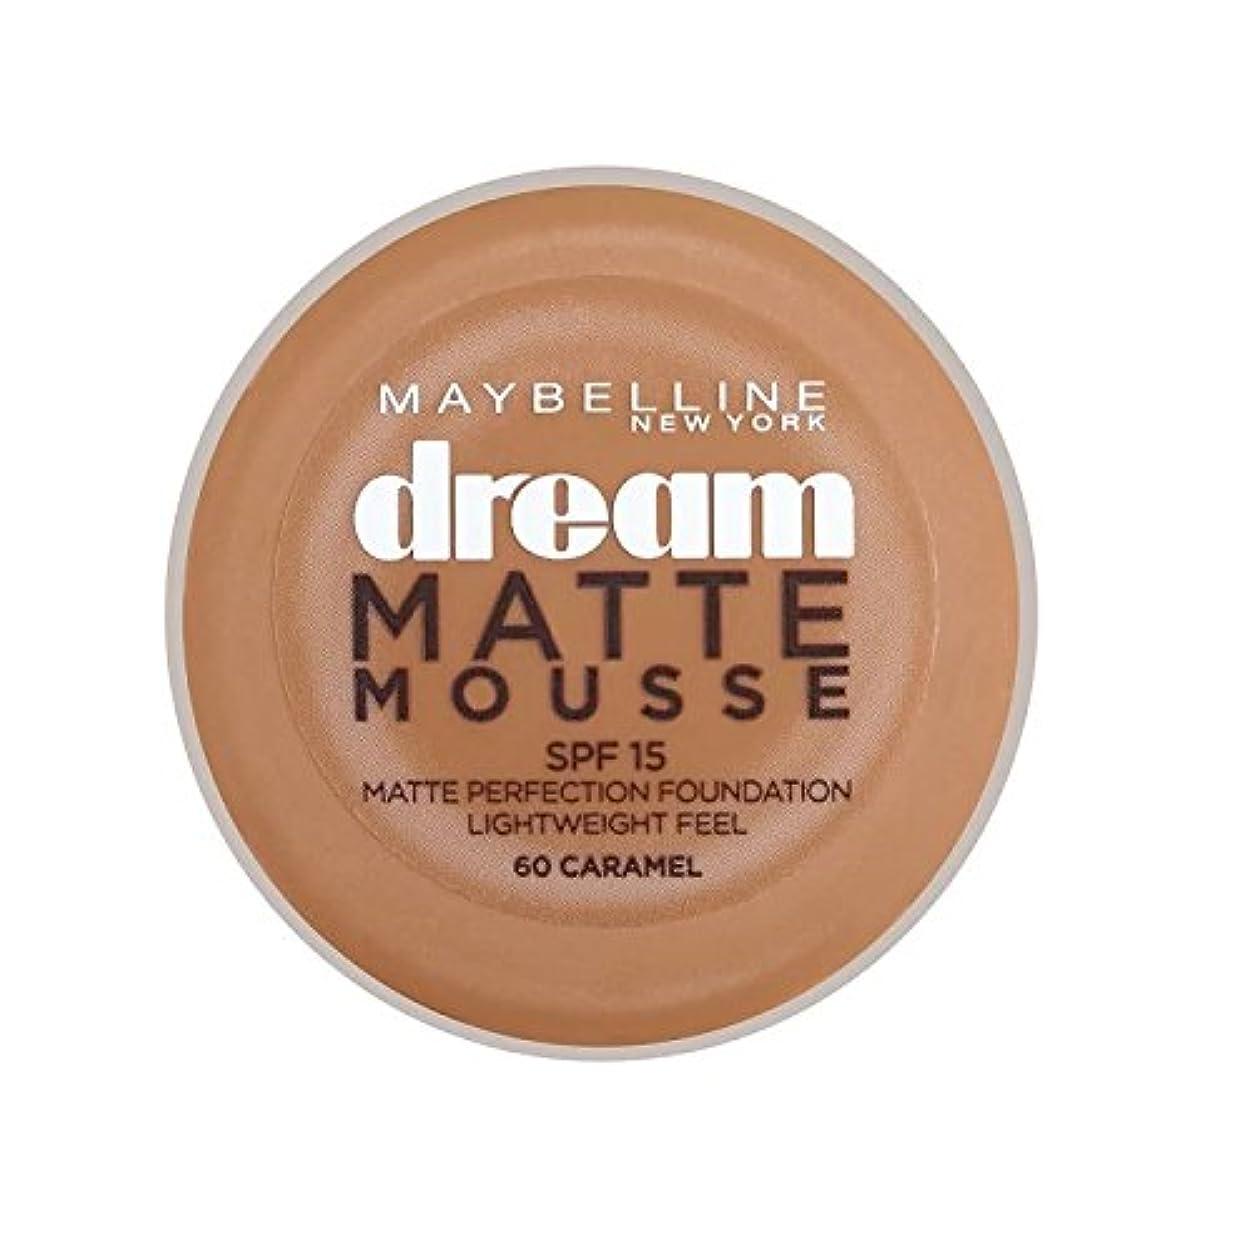 強度聞く重力メイベリン夢のマットムース土台60キャラメル10ミリリットル x4 - Maybelline Dream Matte Mousse Foundation 60 Caramel 10ml (Pack of 4) [並行輸入品]